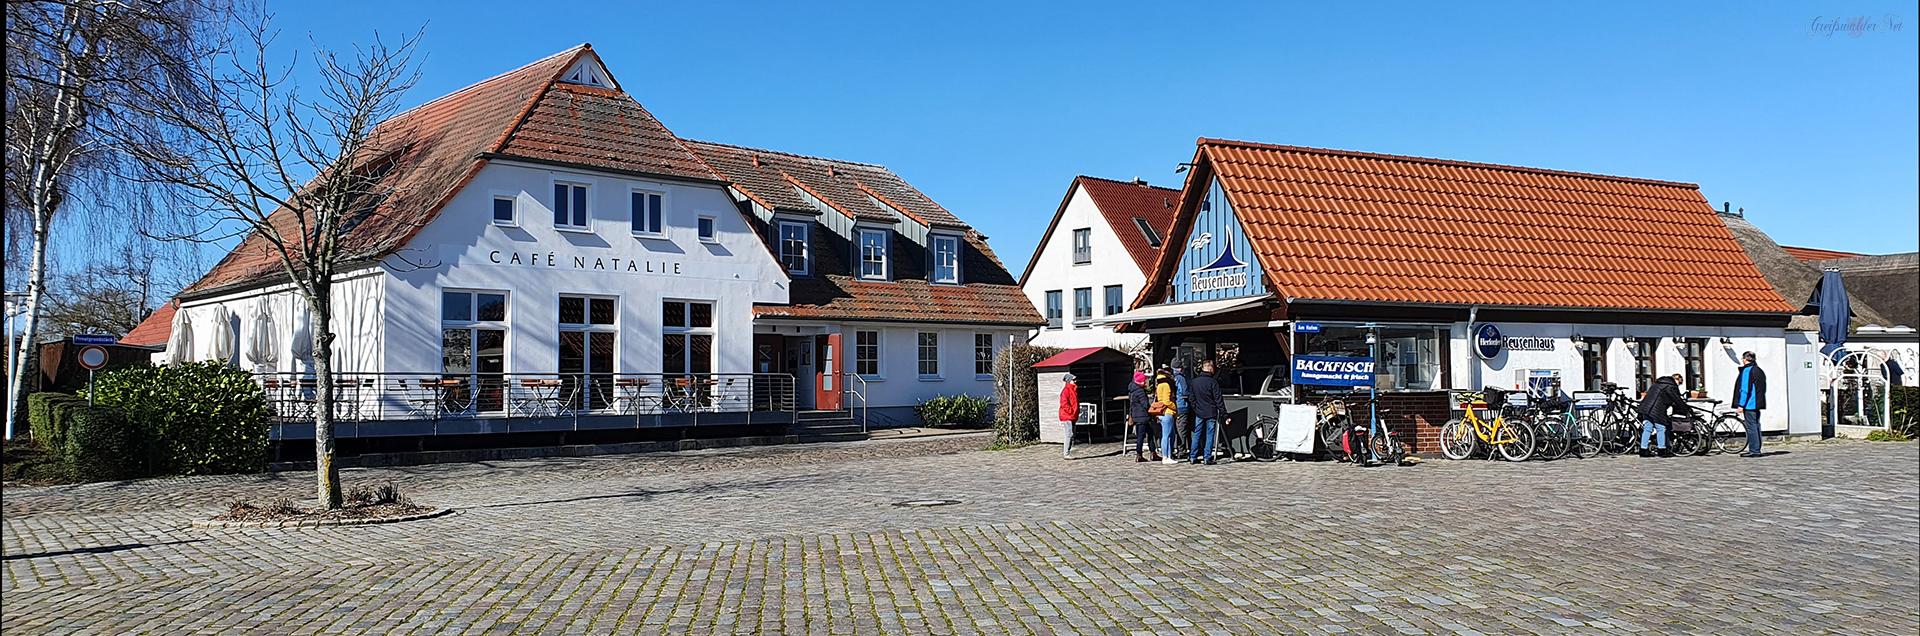 Vorfrühling in Greifswald